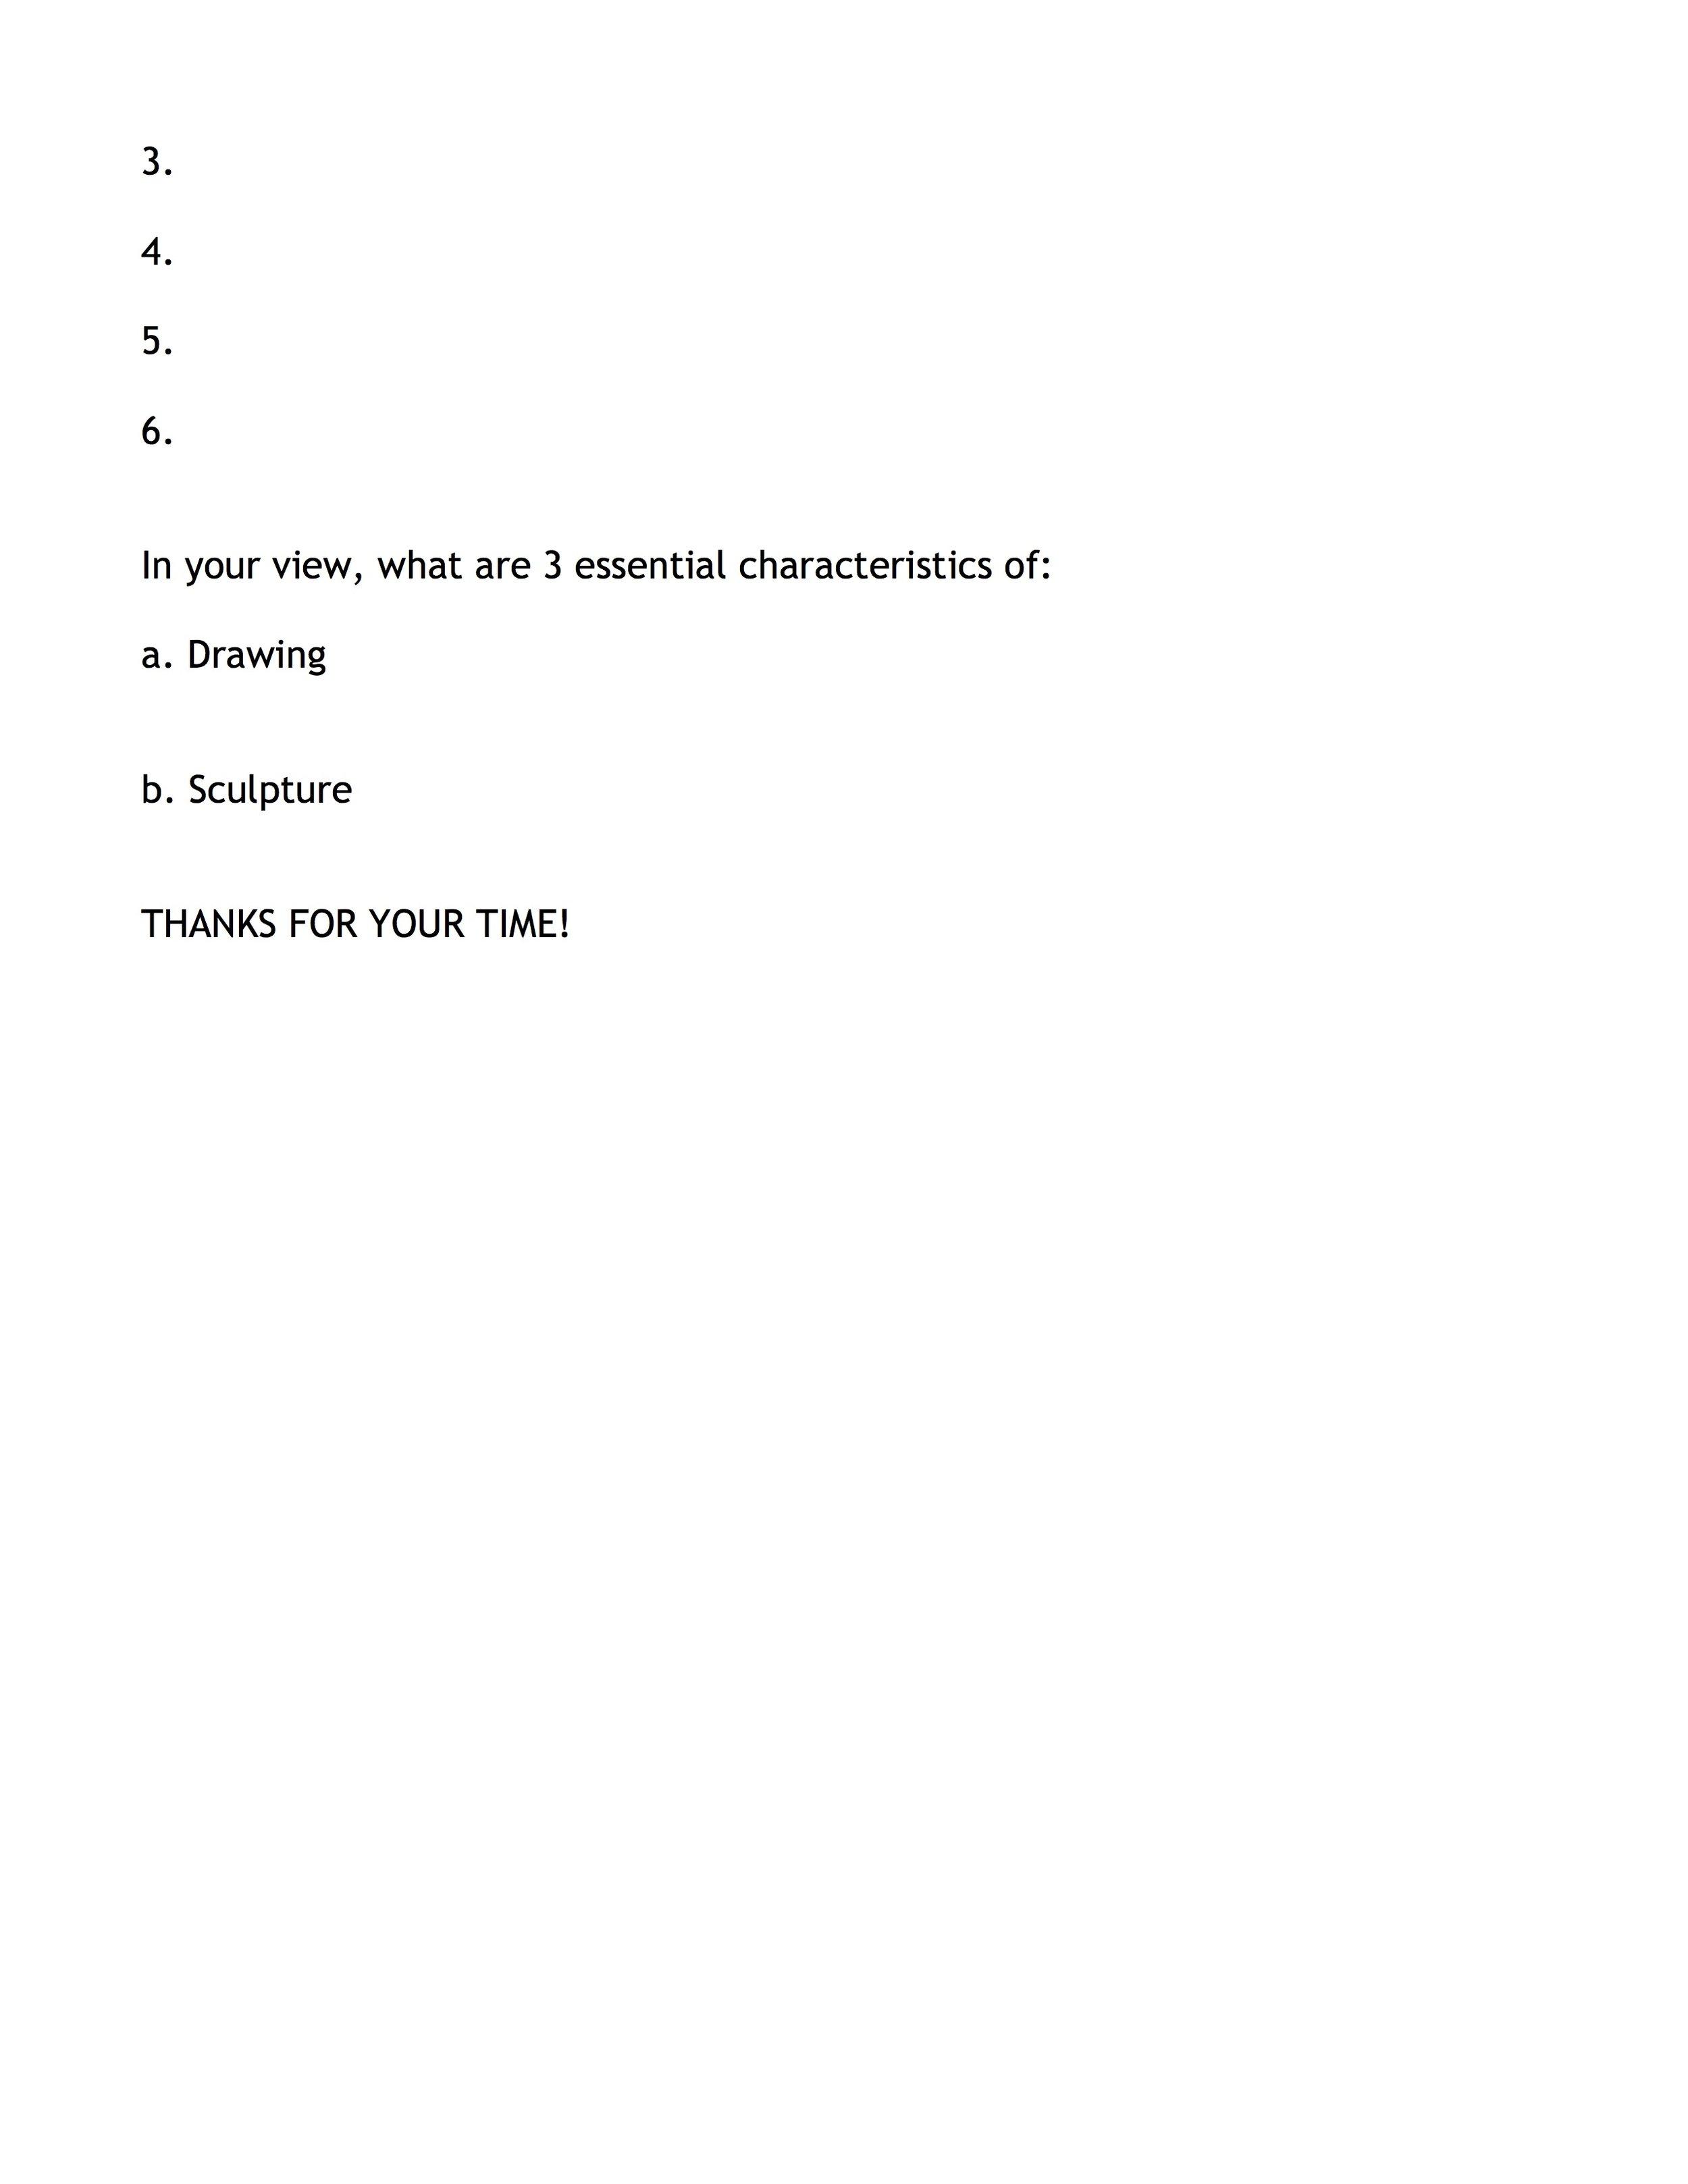 questionnaire-p3